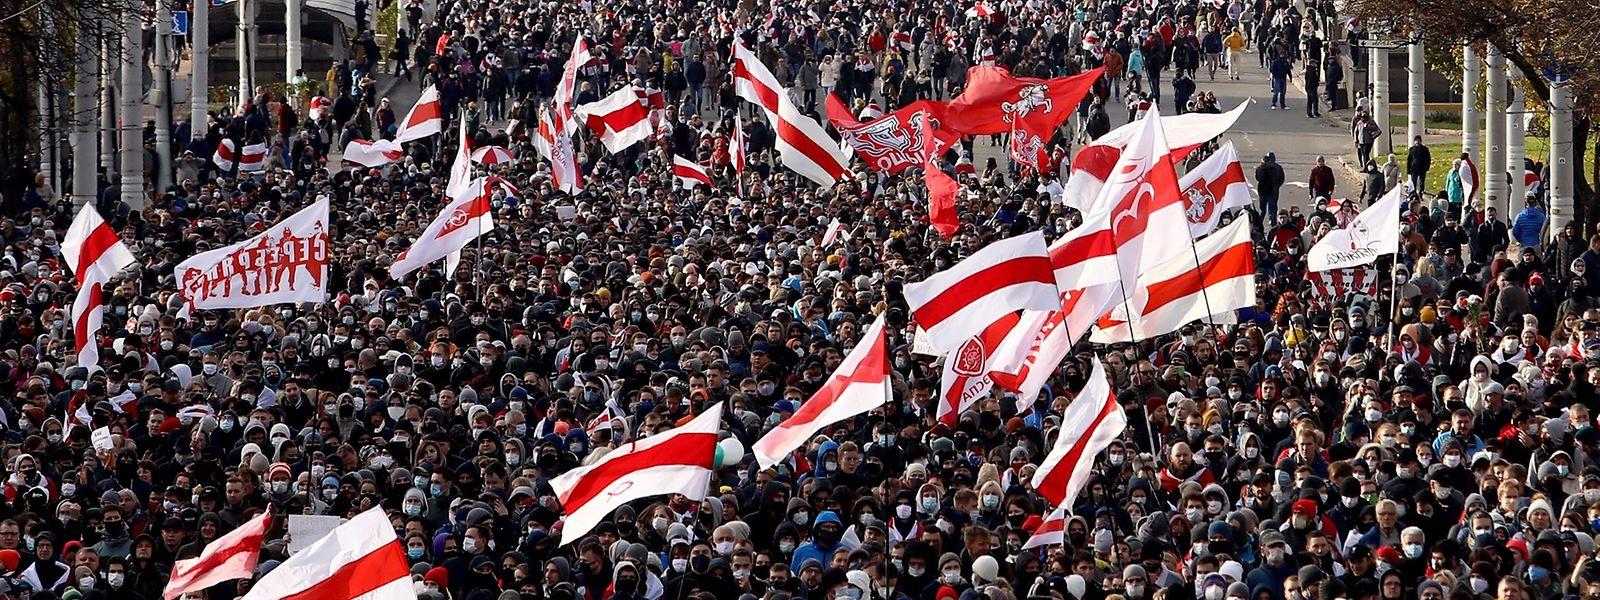 Am zehnten Wochenende in Folge demonstrierten in Belarus Tausende Menschen.